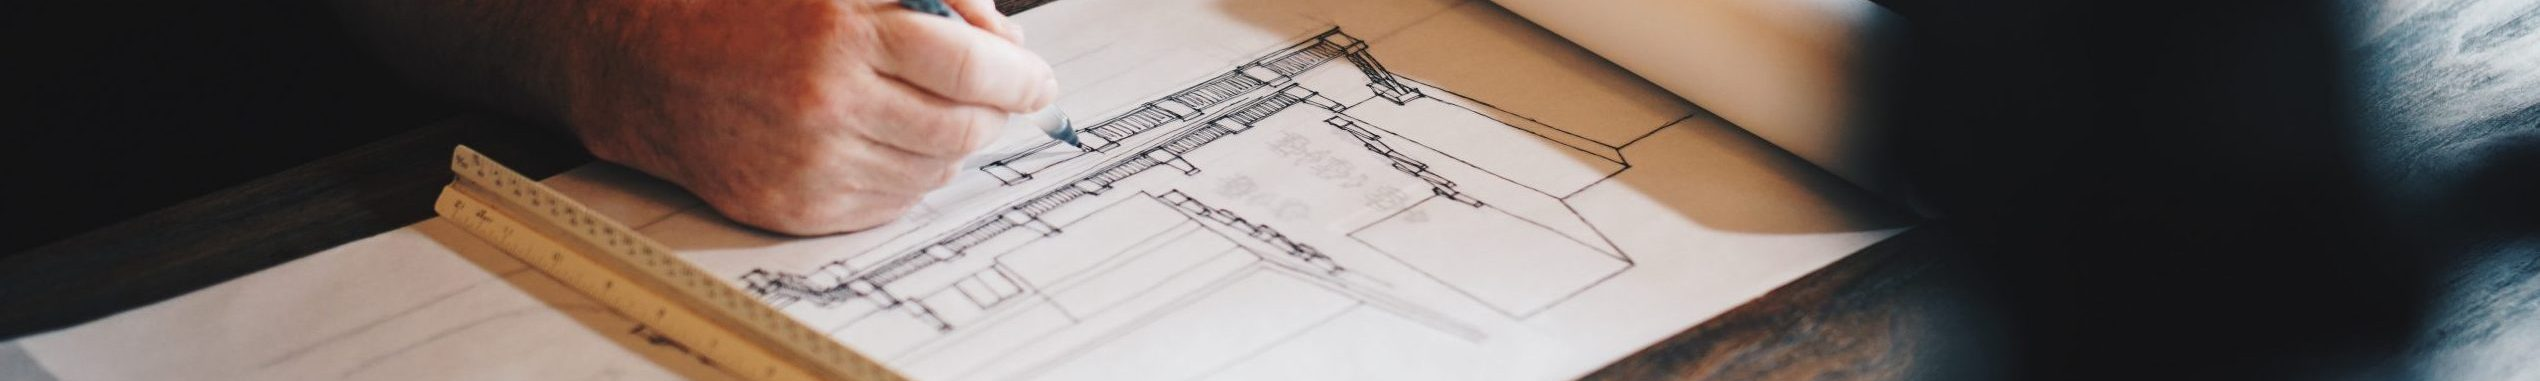 architecte au travail sur plan de construction